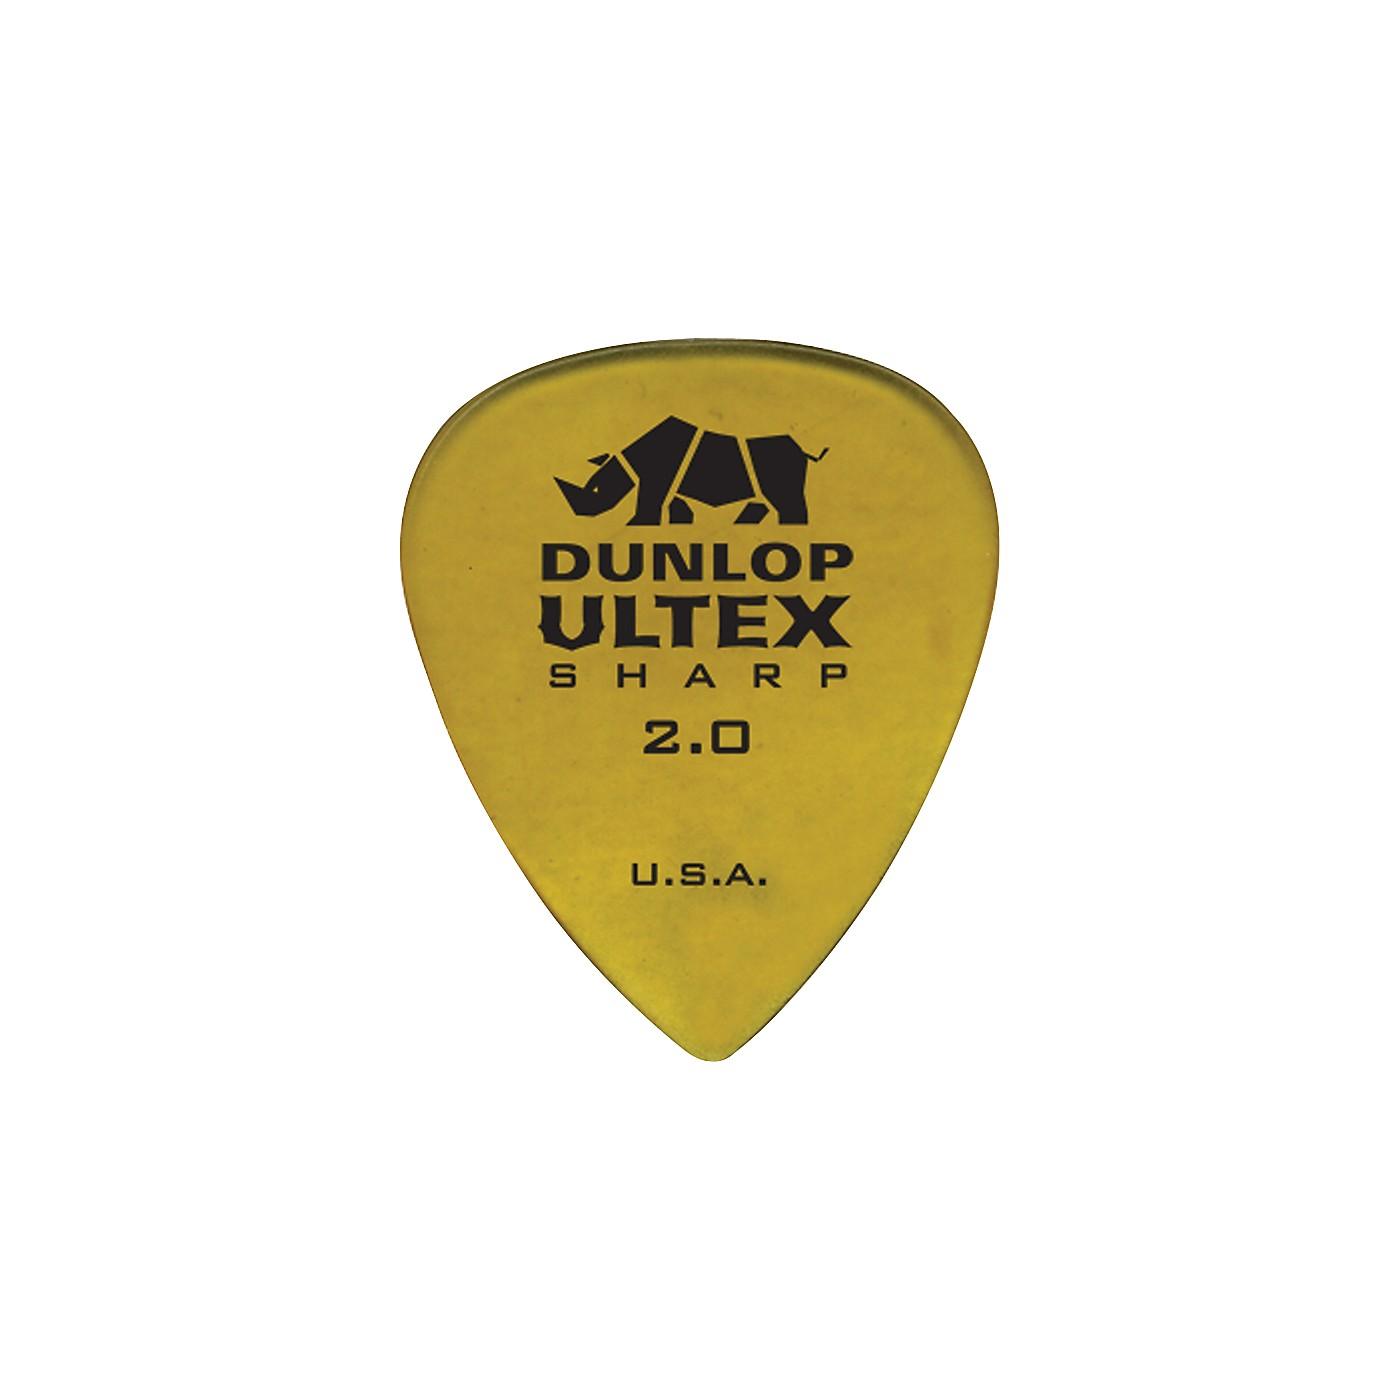 Dunlop Ultex Sharp Picks - 6 Pack thumbnail